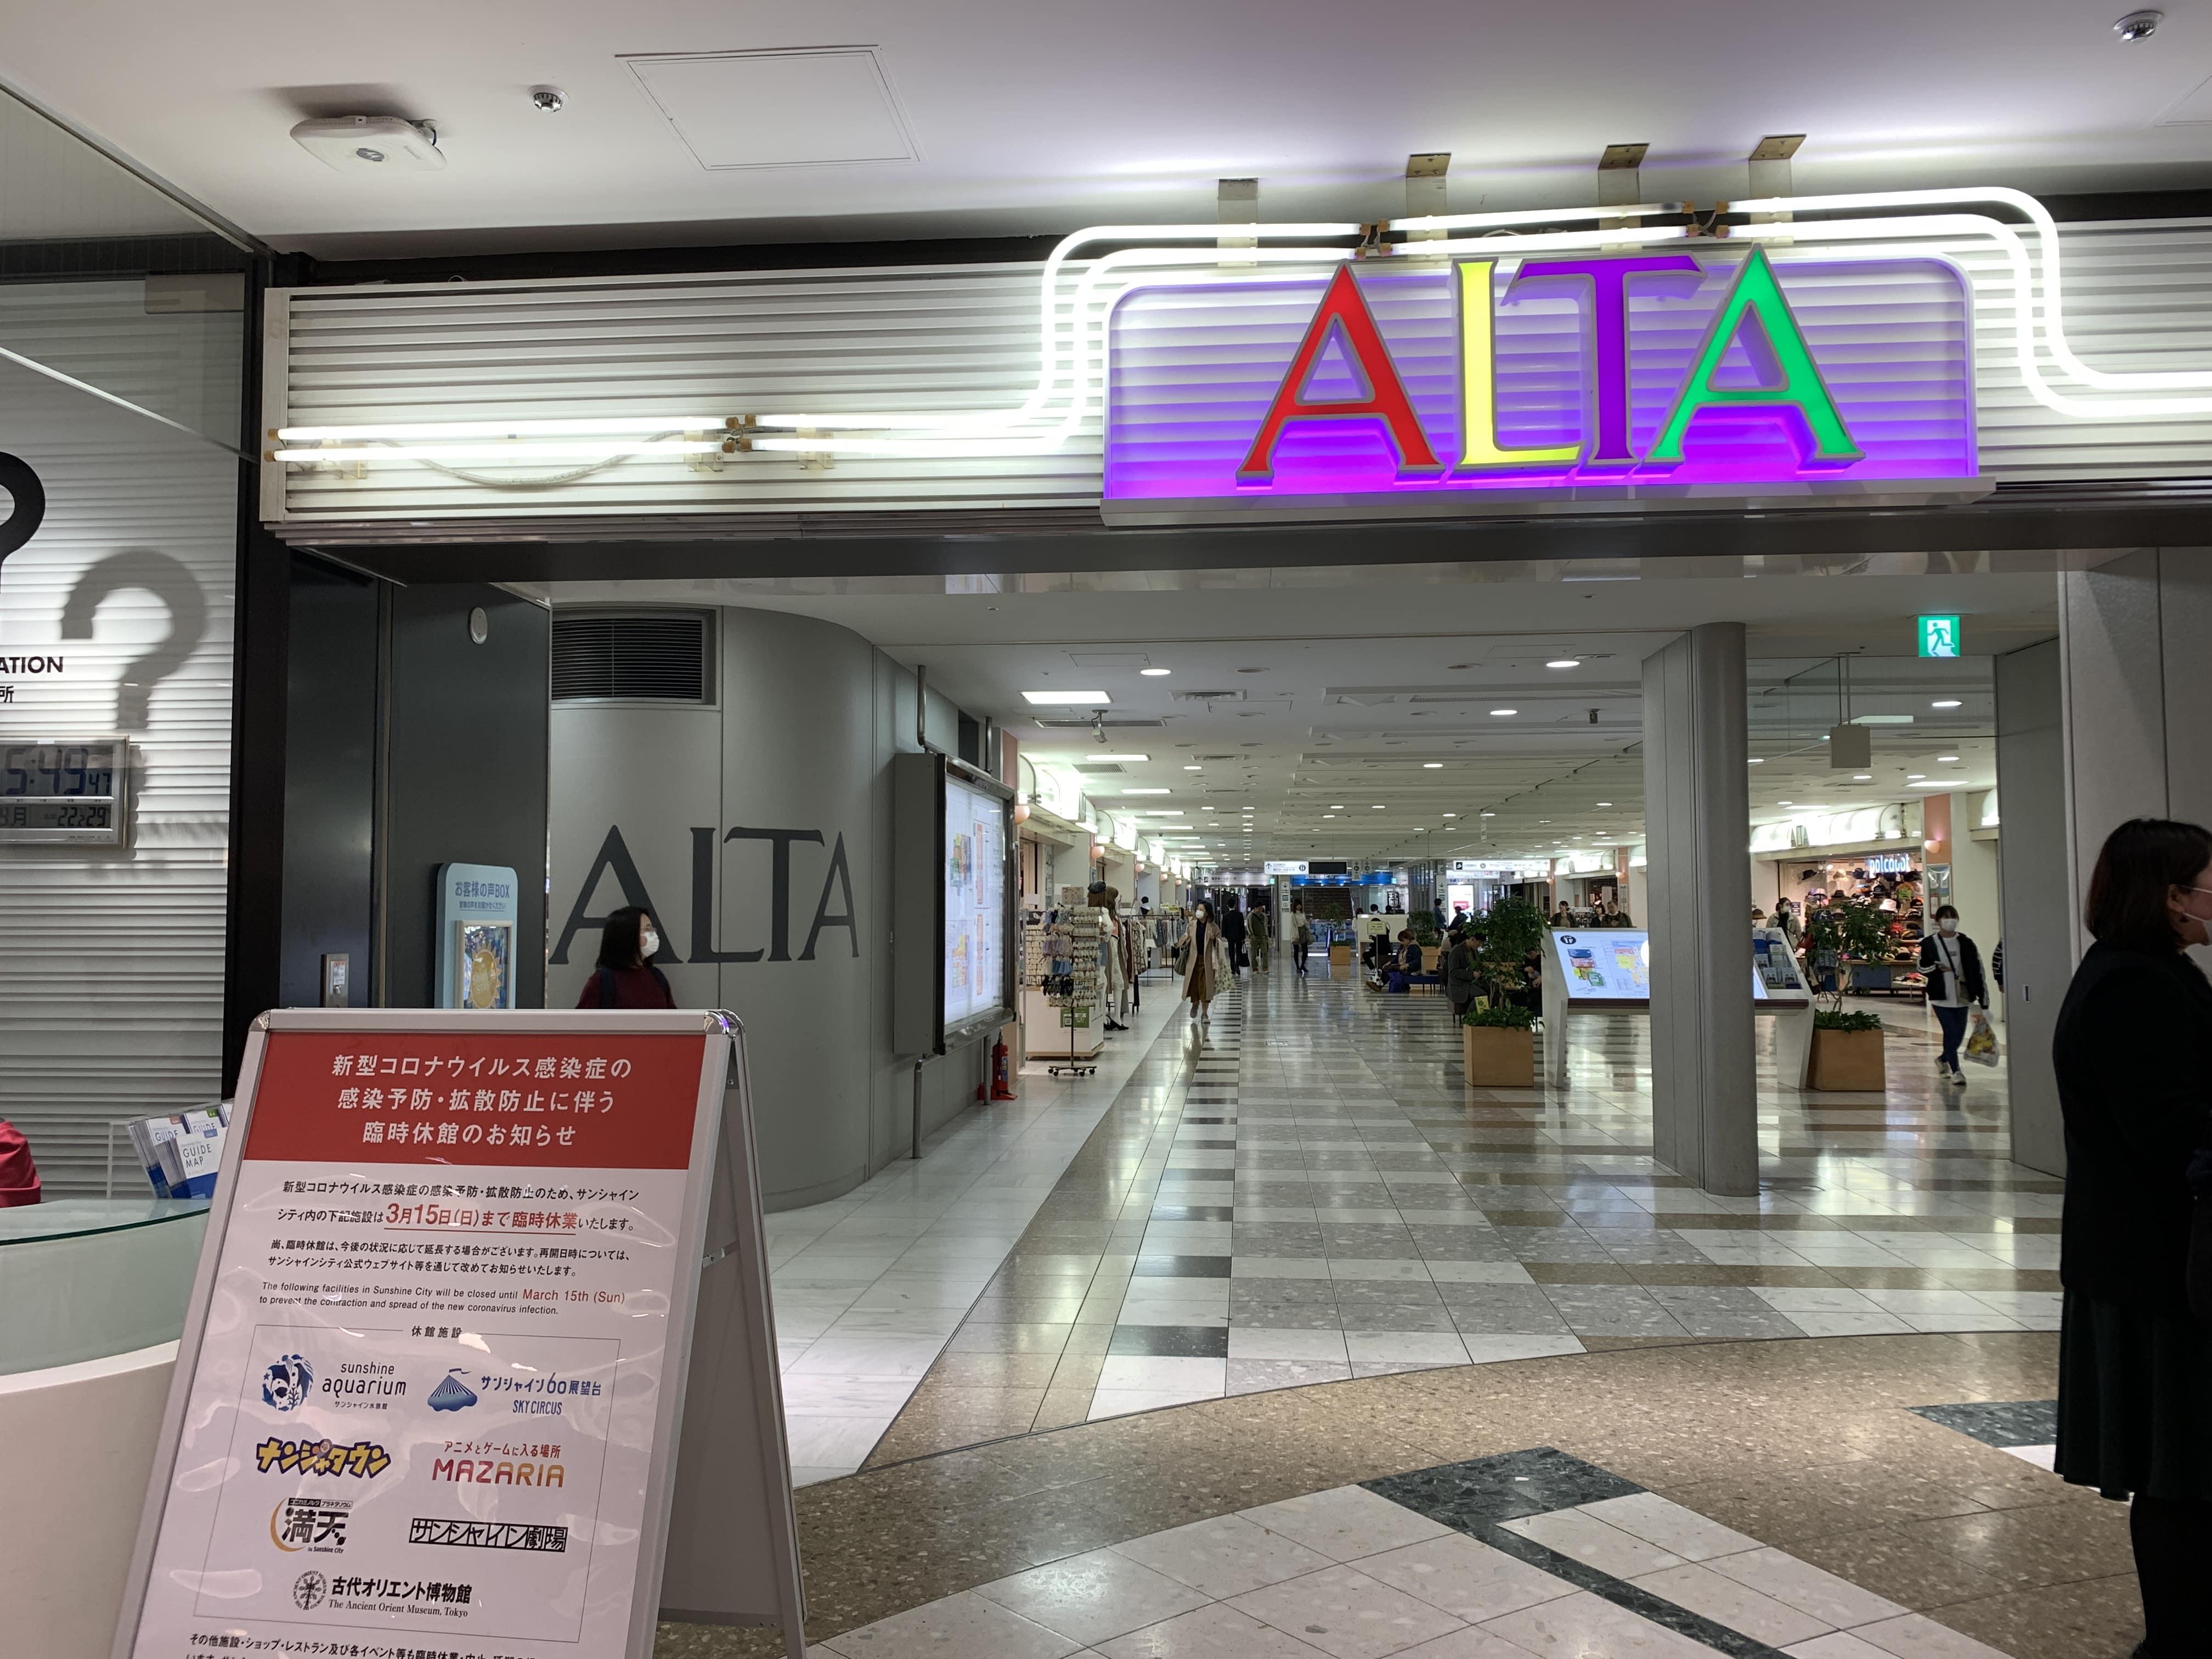 ALTA Ikebukuro